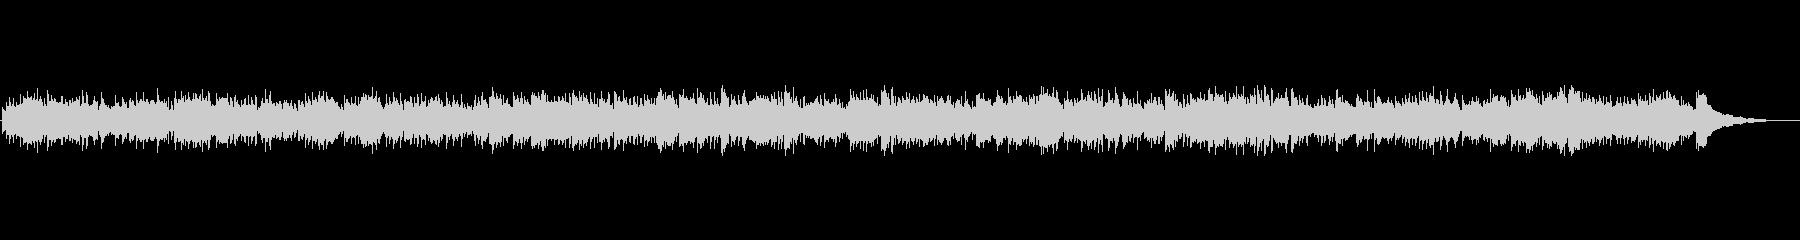 アコギによる優しいアルペジオとメロディの未再生の波形